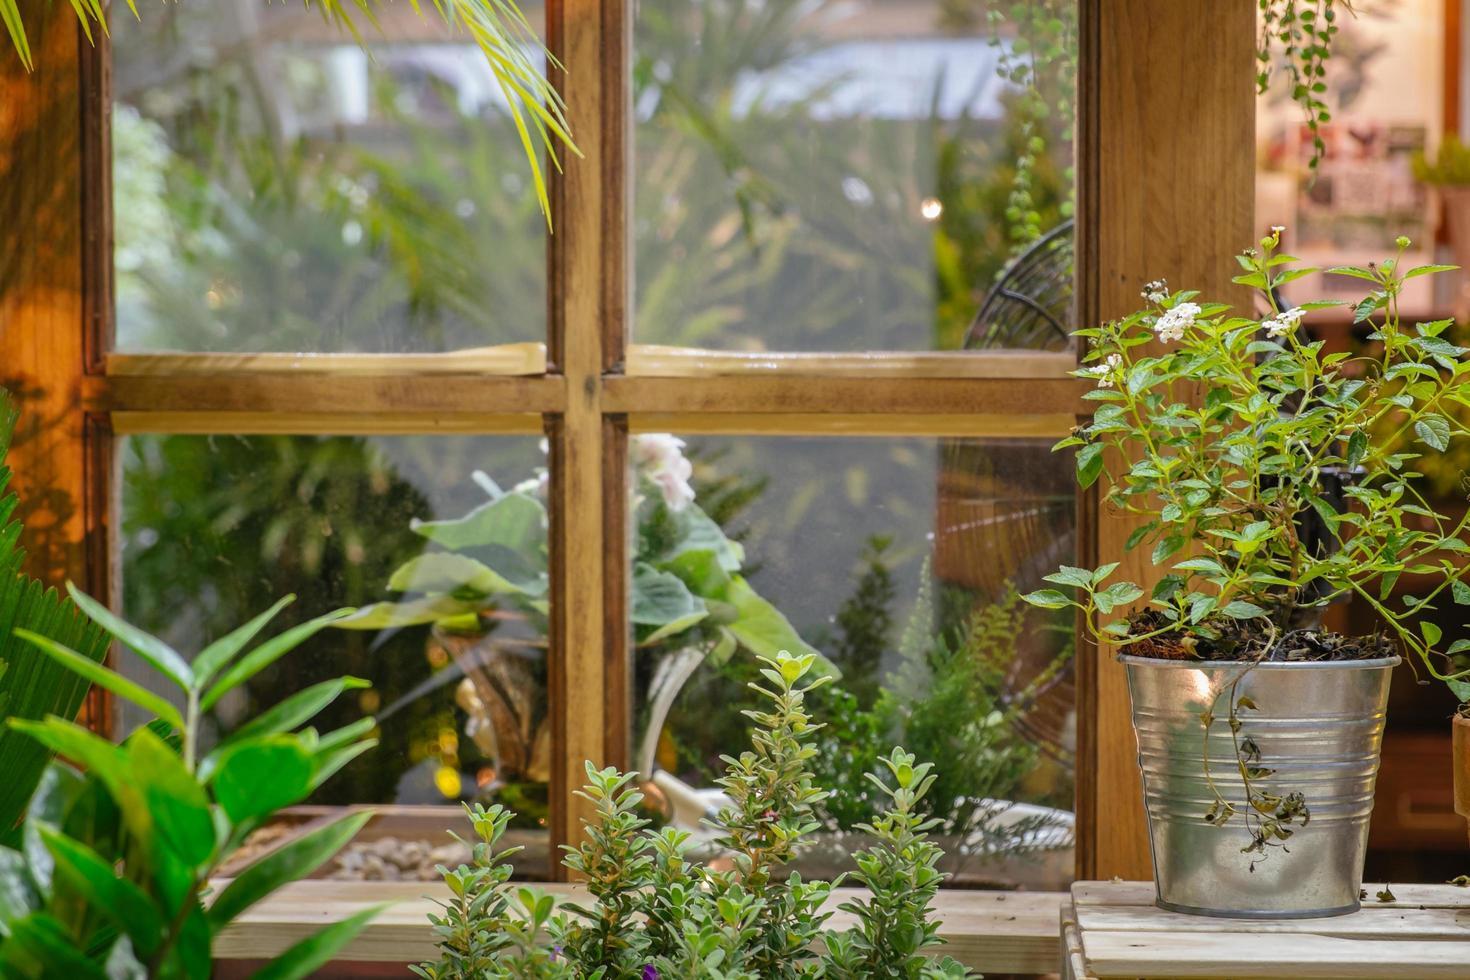 groene planten in een tuin met oude vintage houten raam foto